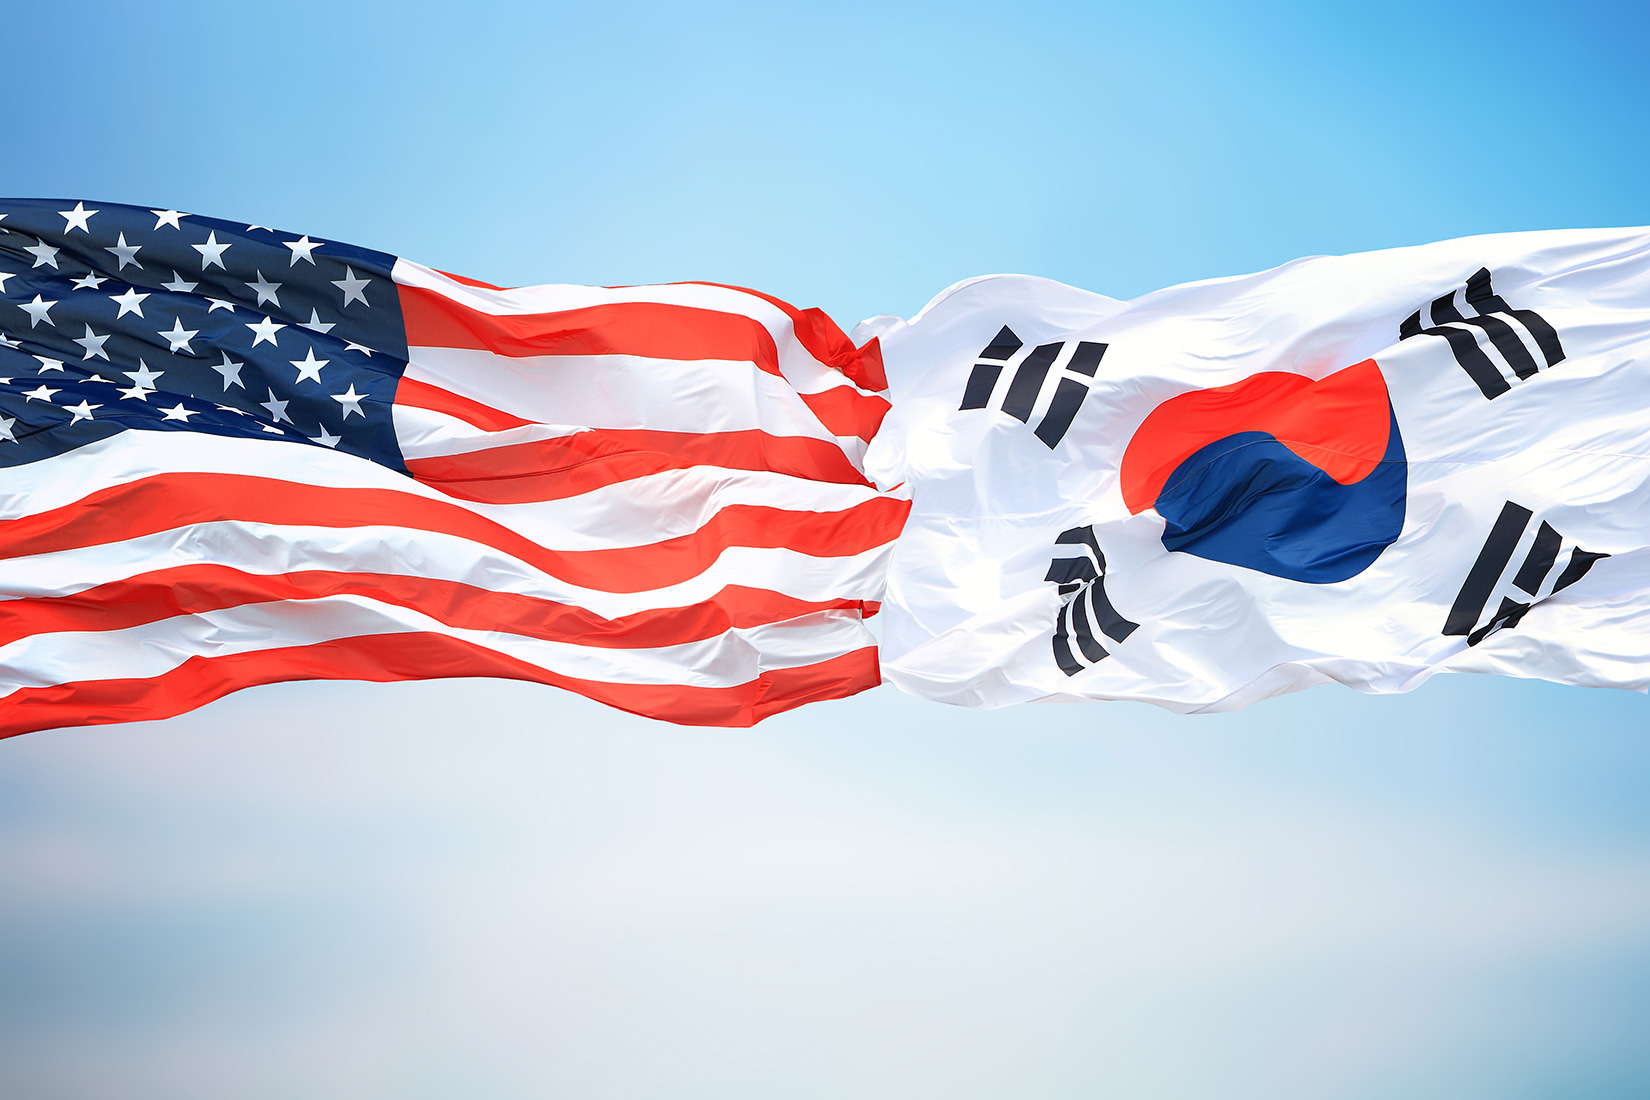 日本が知らない米韓関係のファクトフルネス(前編)<br>-文在寅政権の対インド・ASEAN外交を評価するアメリカ-